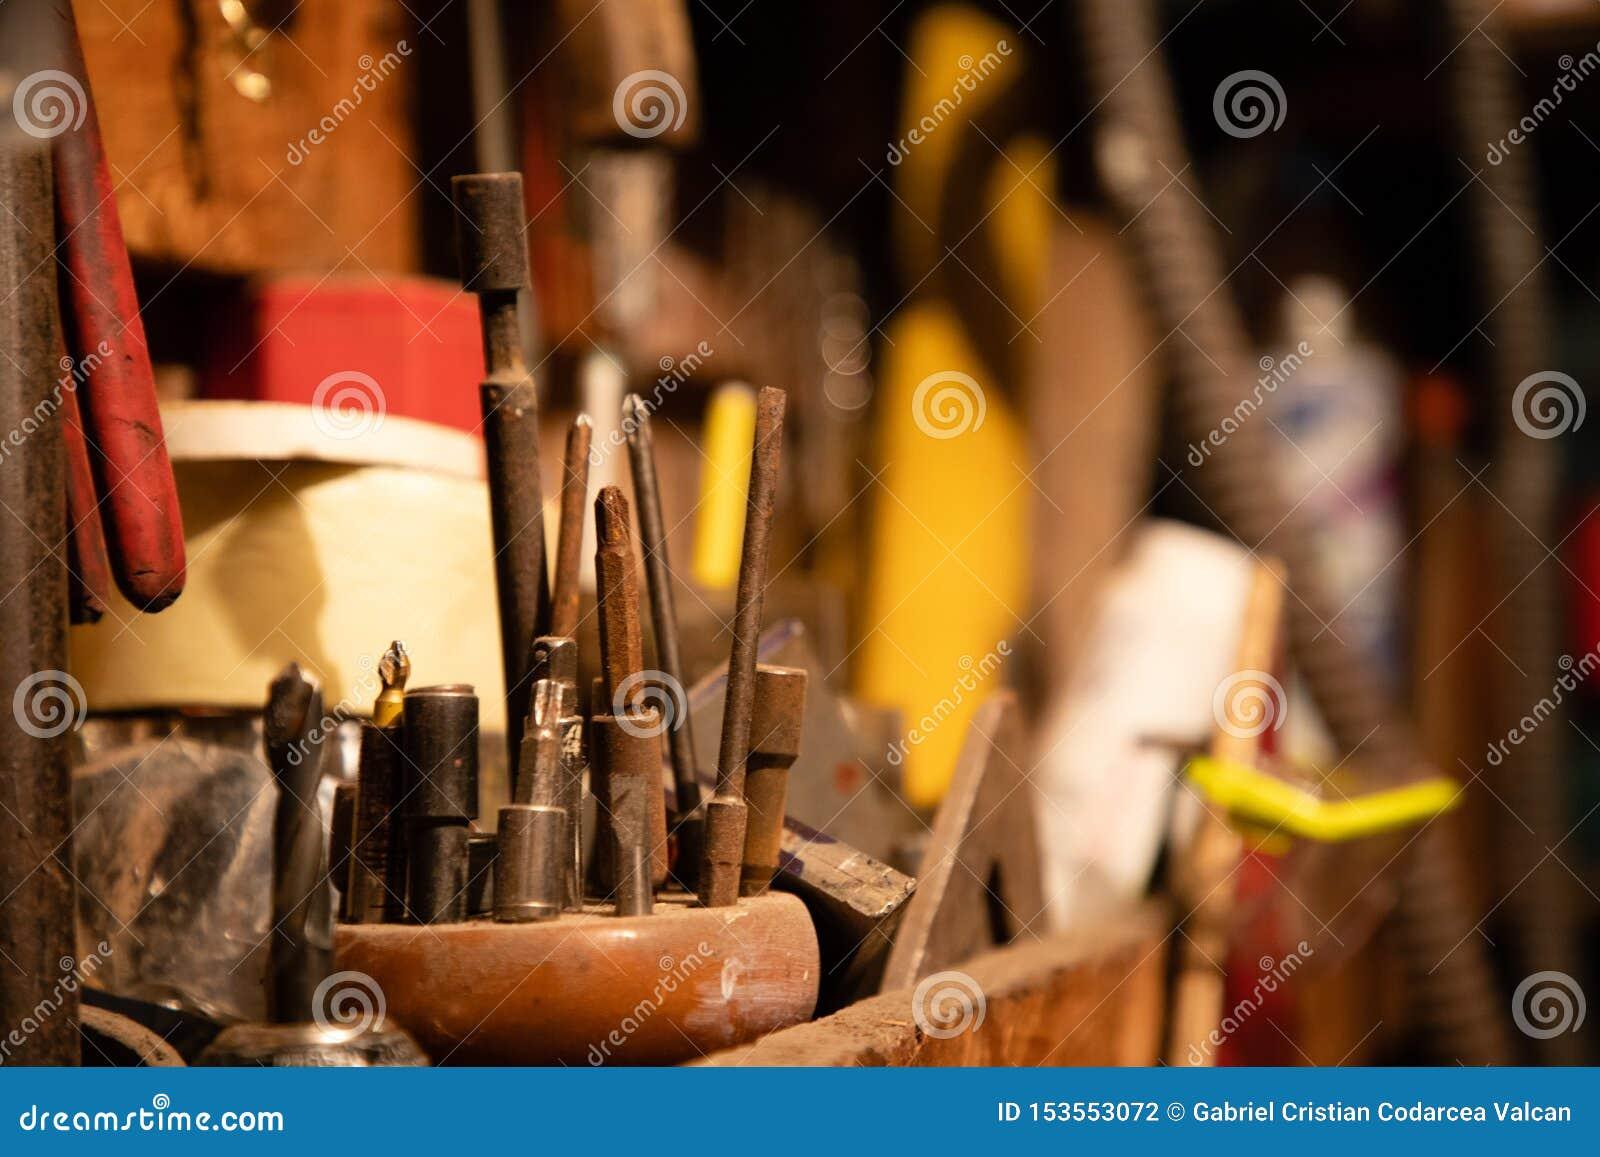 不同的螺丝刀和其他工具在车库